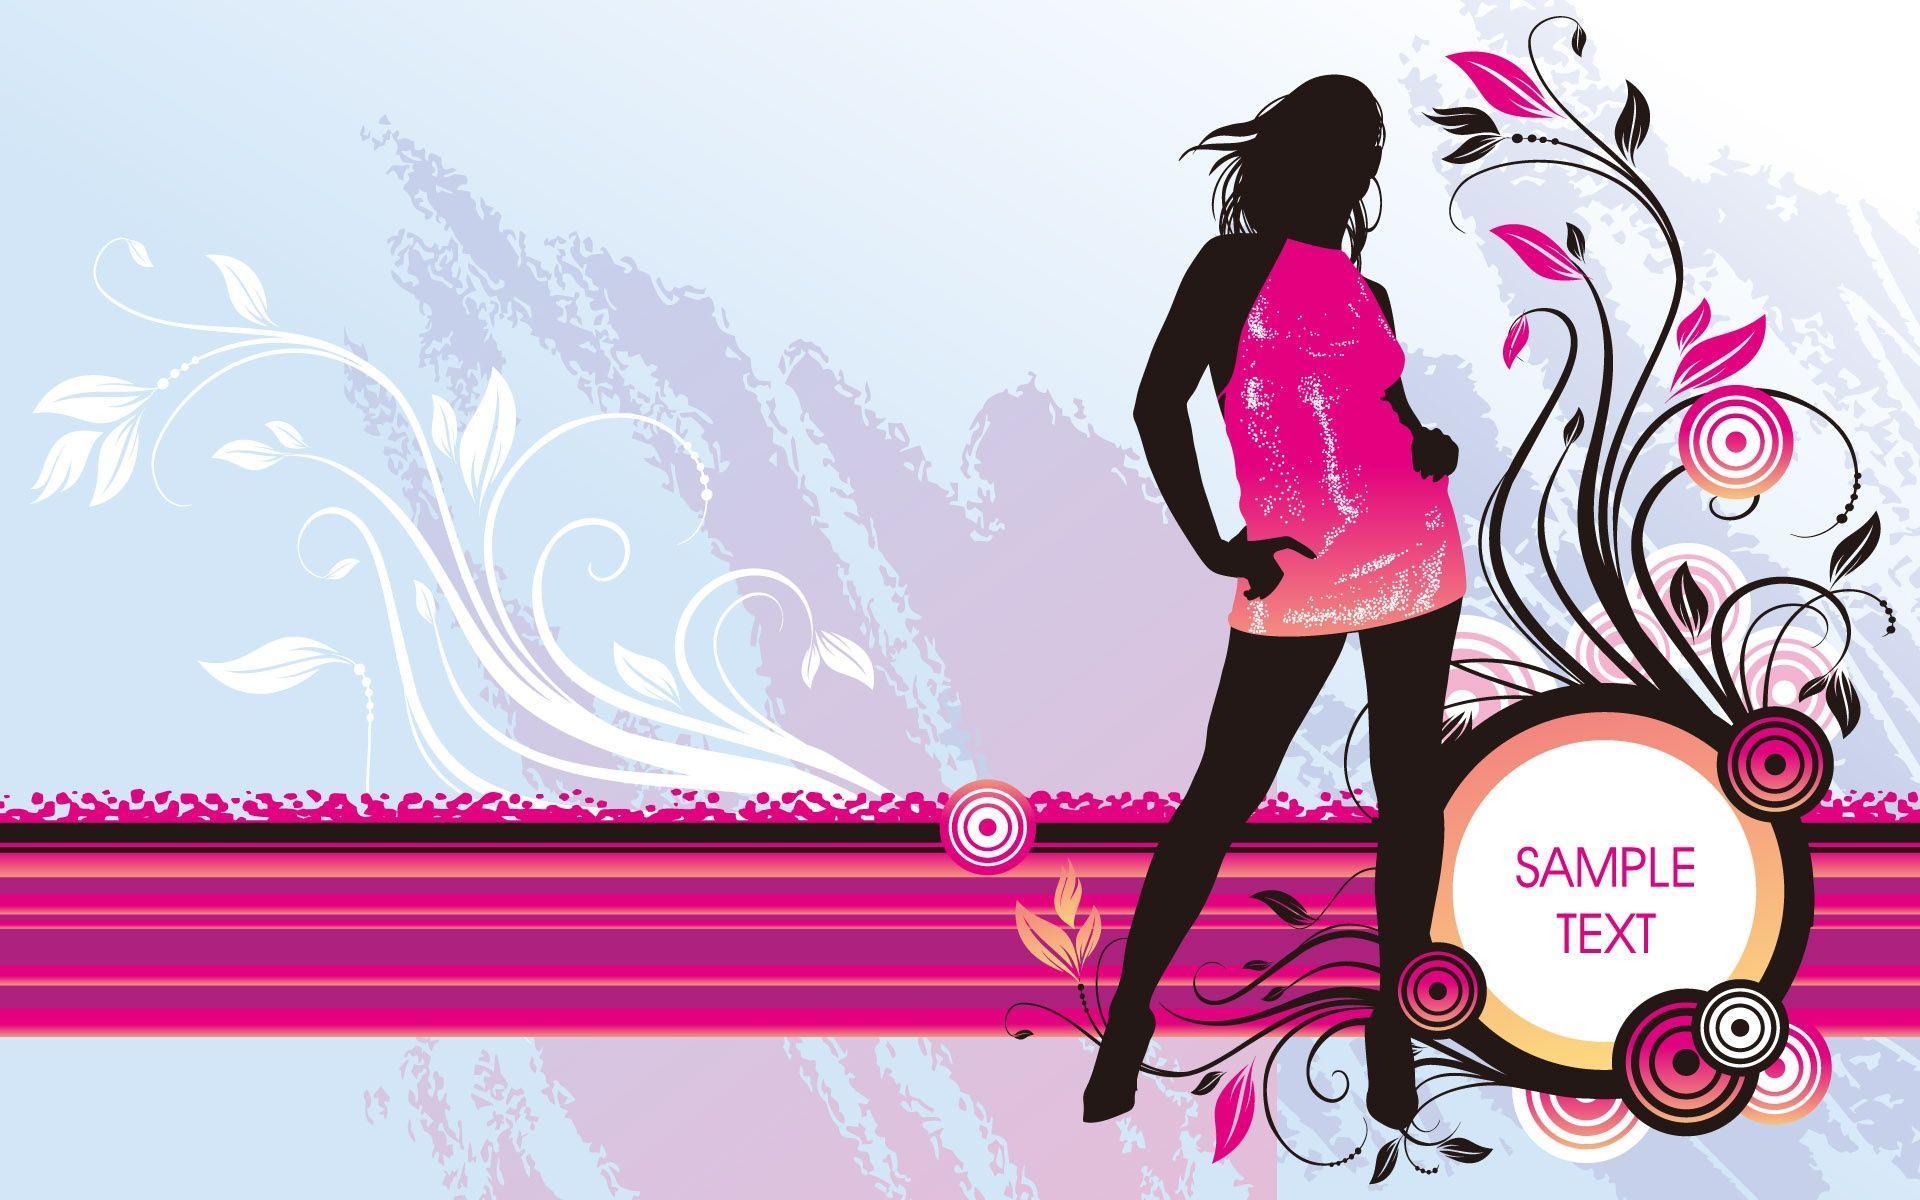 Free,Desktop,HD,Fashion,Wallpapers